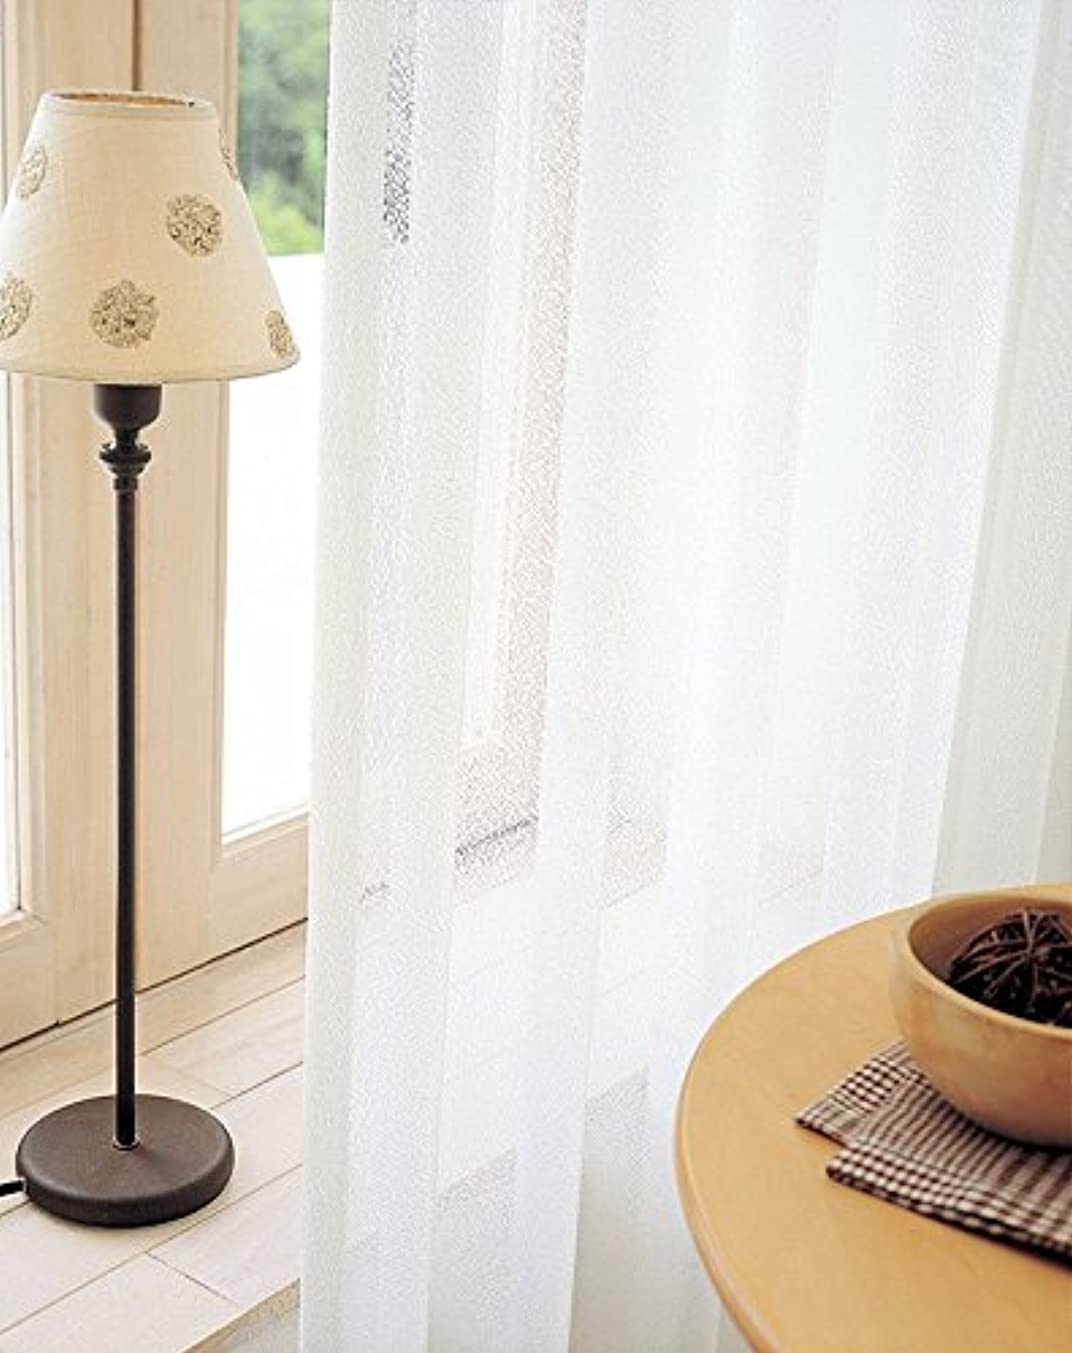 居間リスそこから東リ ベーシックな無地調ミラーレース カーテン1.5倍ヒダ KSA60494 幅:300cm ×丈:270cm (2枚組)オーダーカーテン